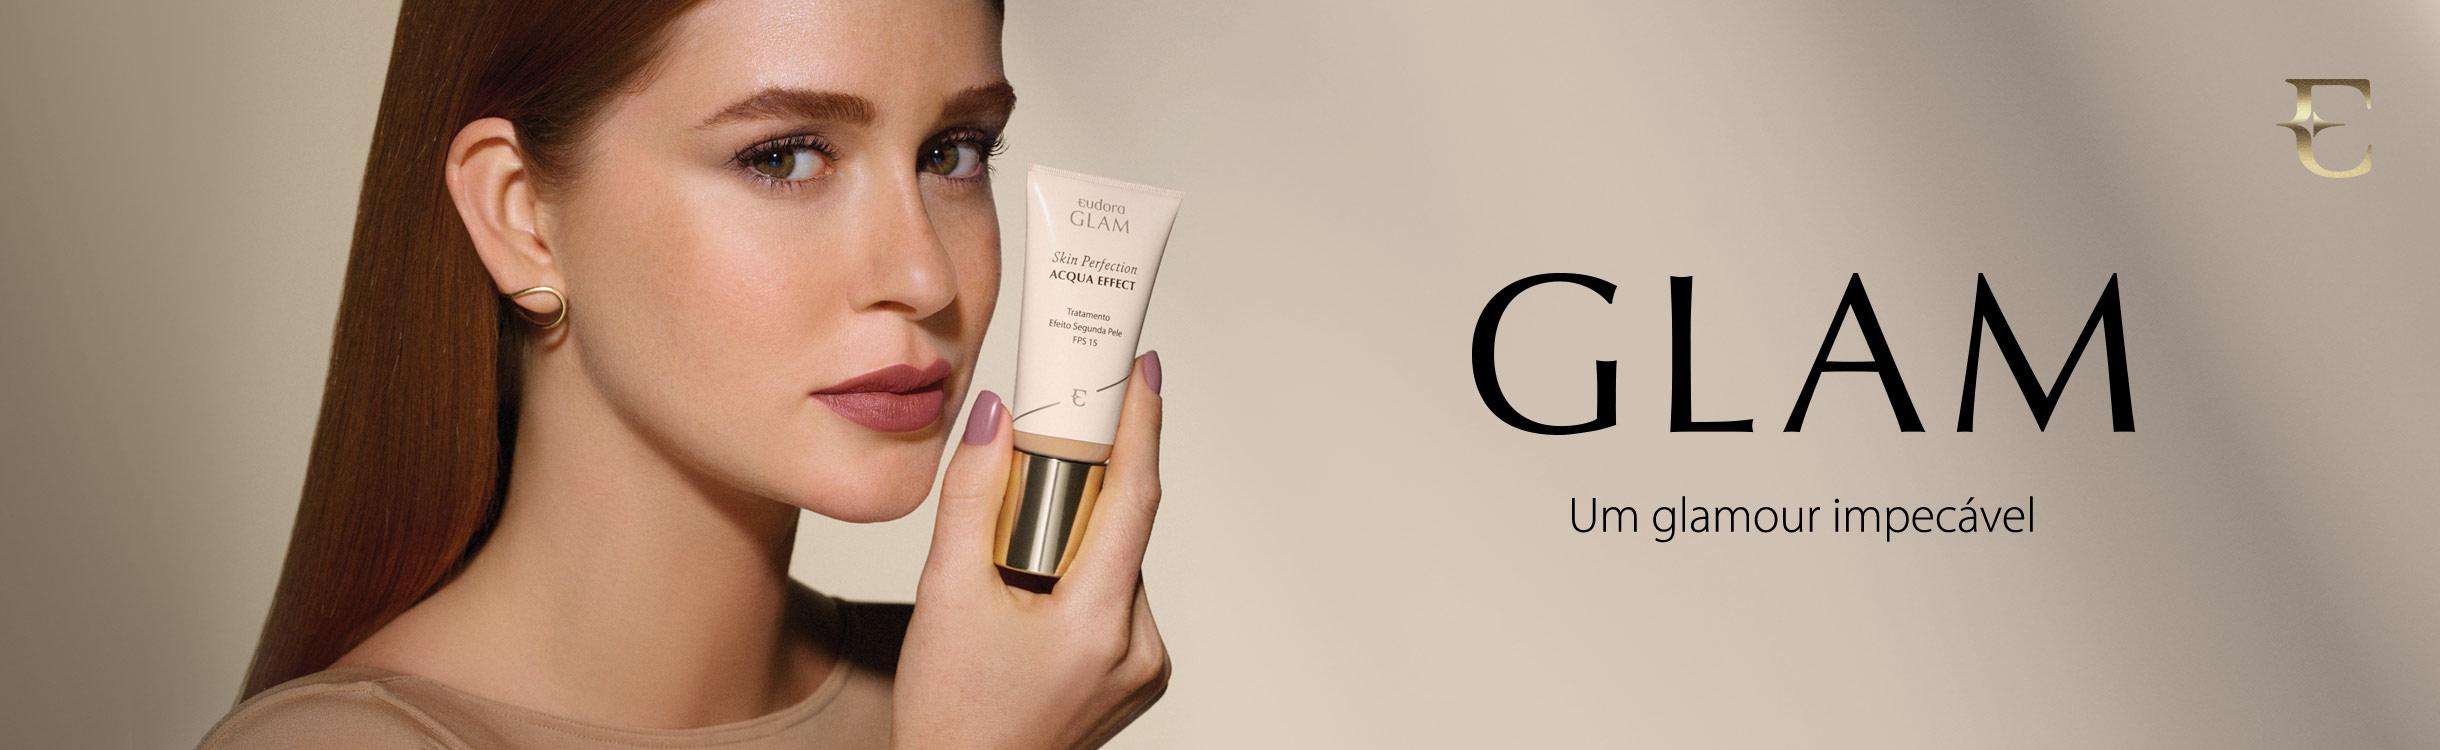 Glam: Maquiagem para o Rosto